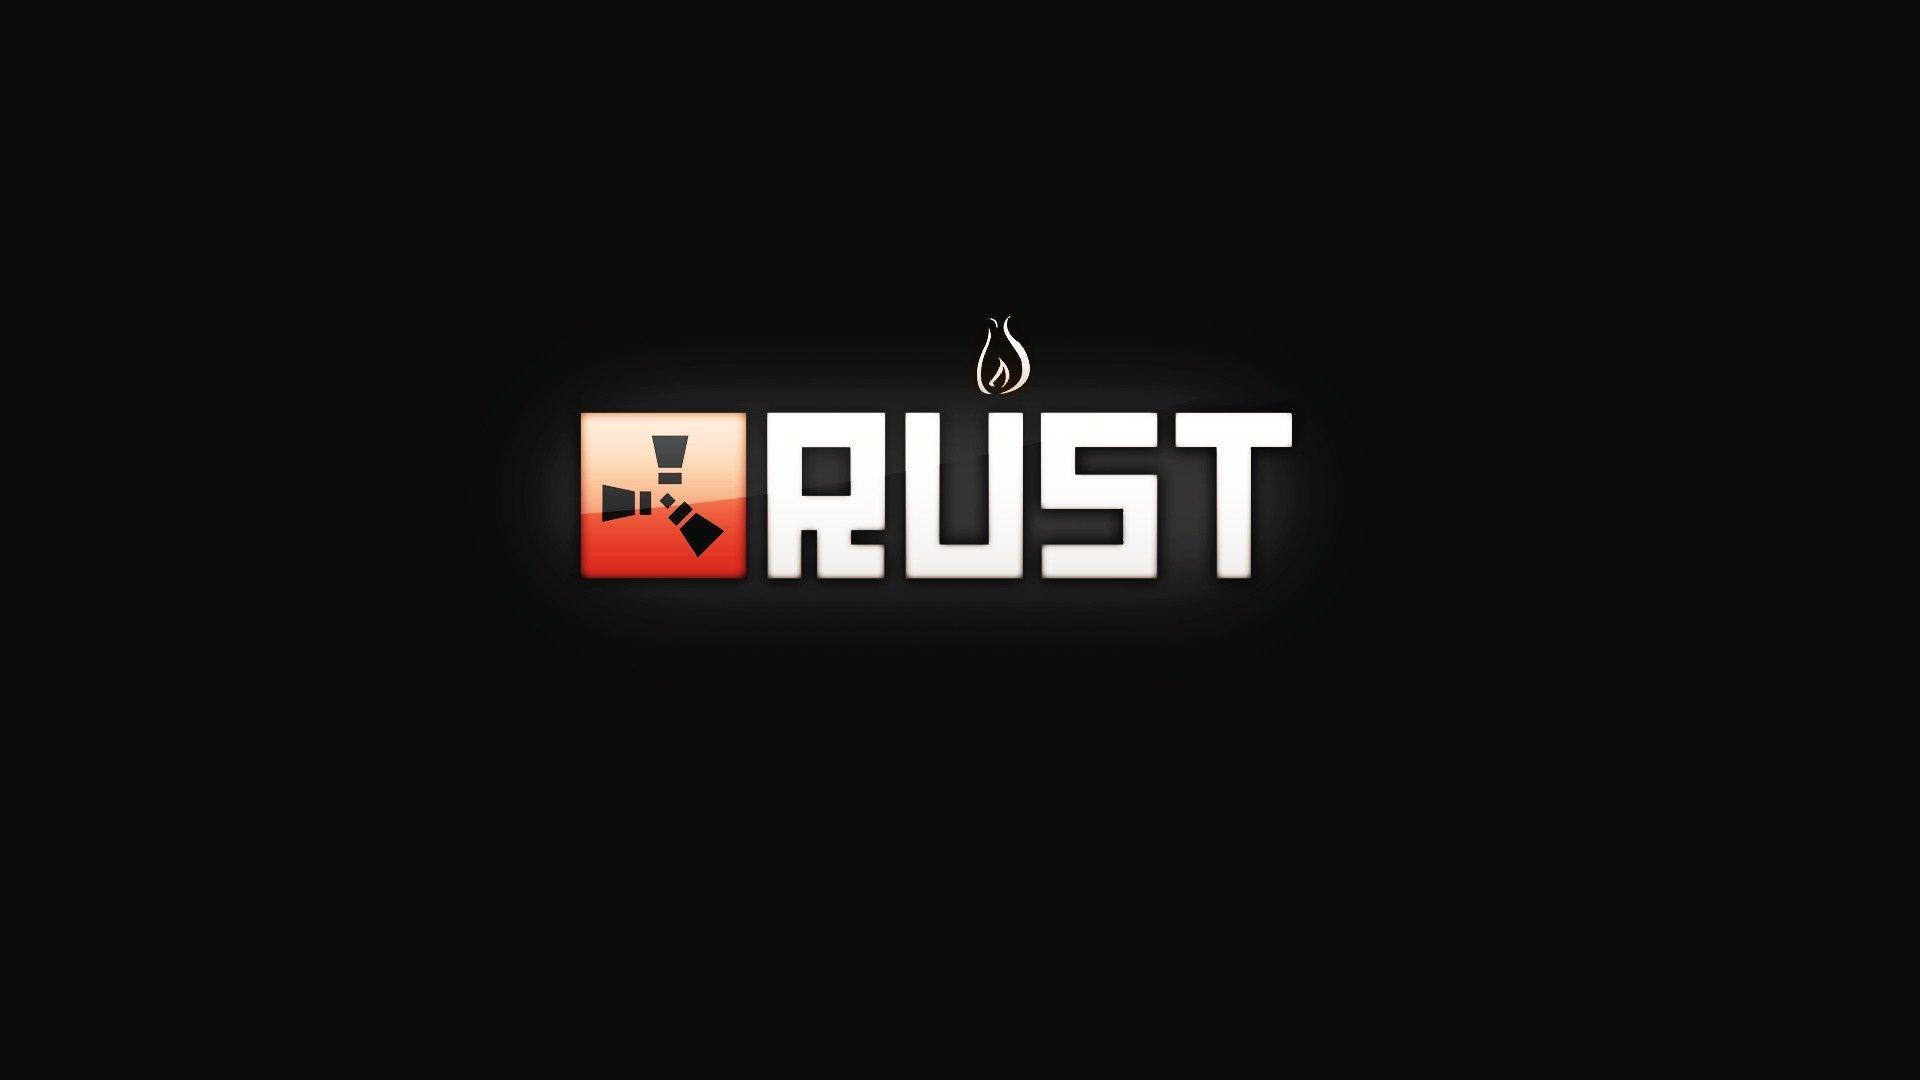 Rust Fondo De Pantalla Hd Fondo De Escritorio 1920x1080